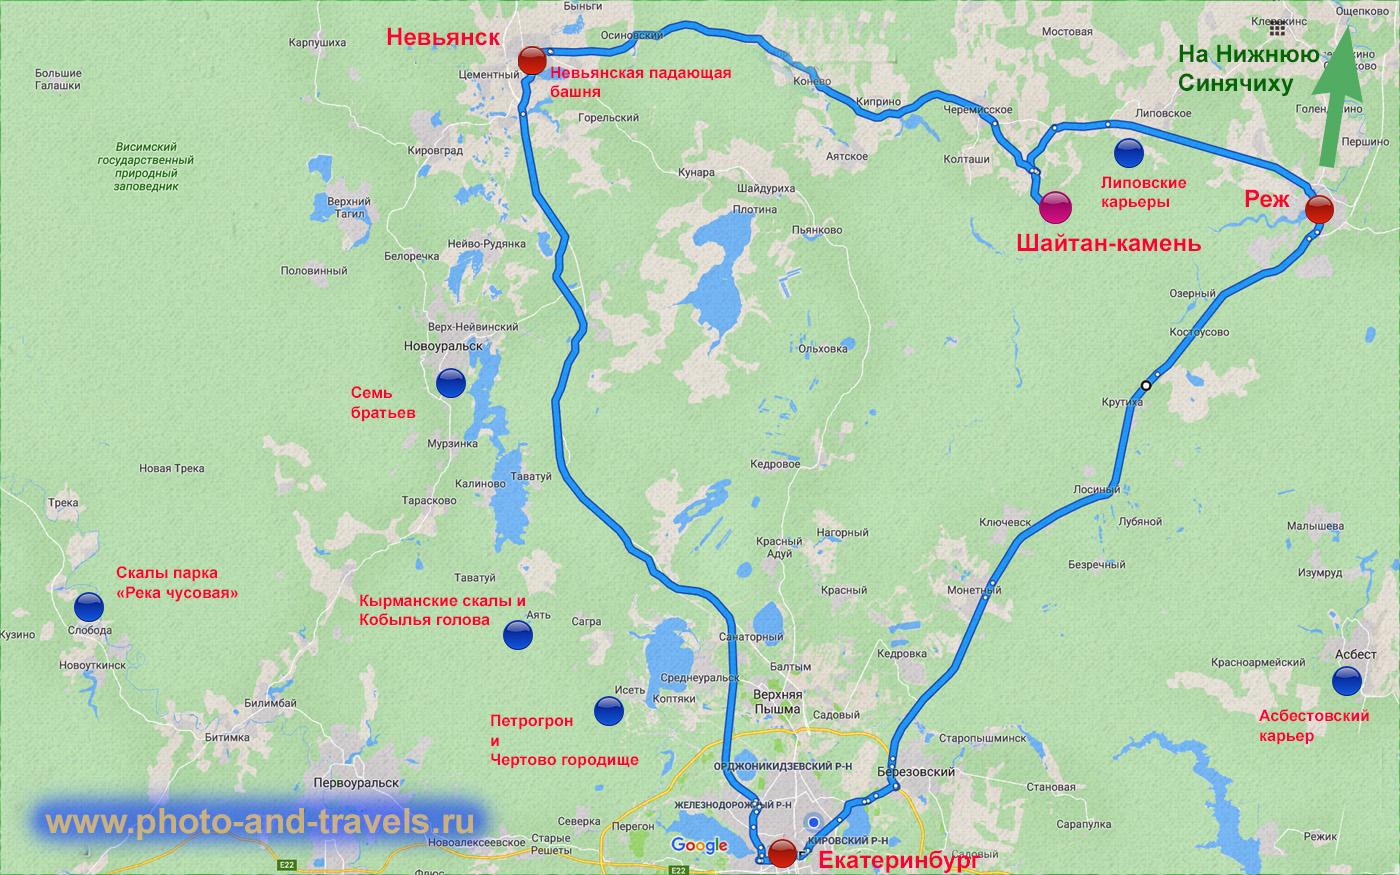 25. Карта проезда из Екатеринбурга в село Октябрьское на автомобиле. Схема маршрута выходного дня.